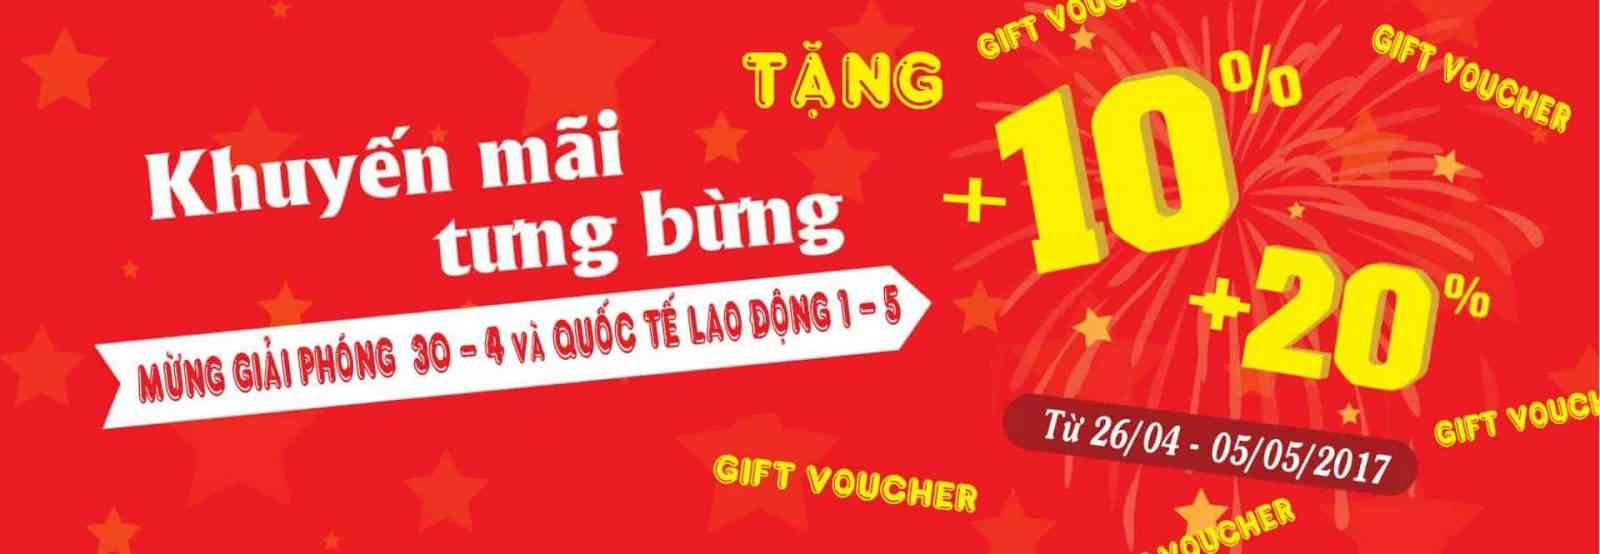 Khuyen Mai Tung Bung Mung Giai Phong